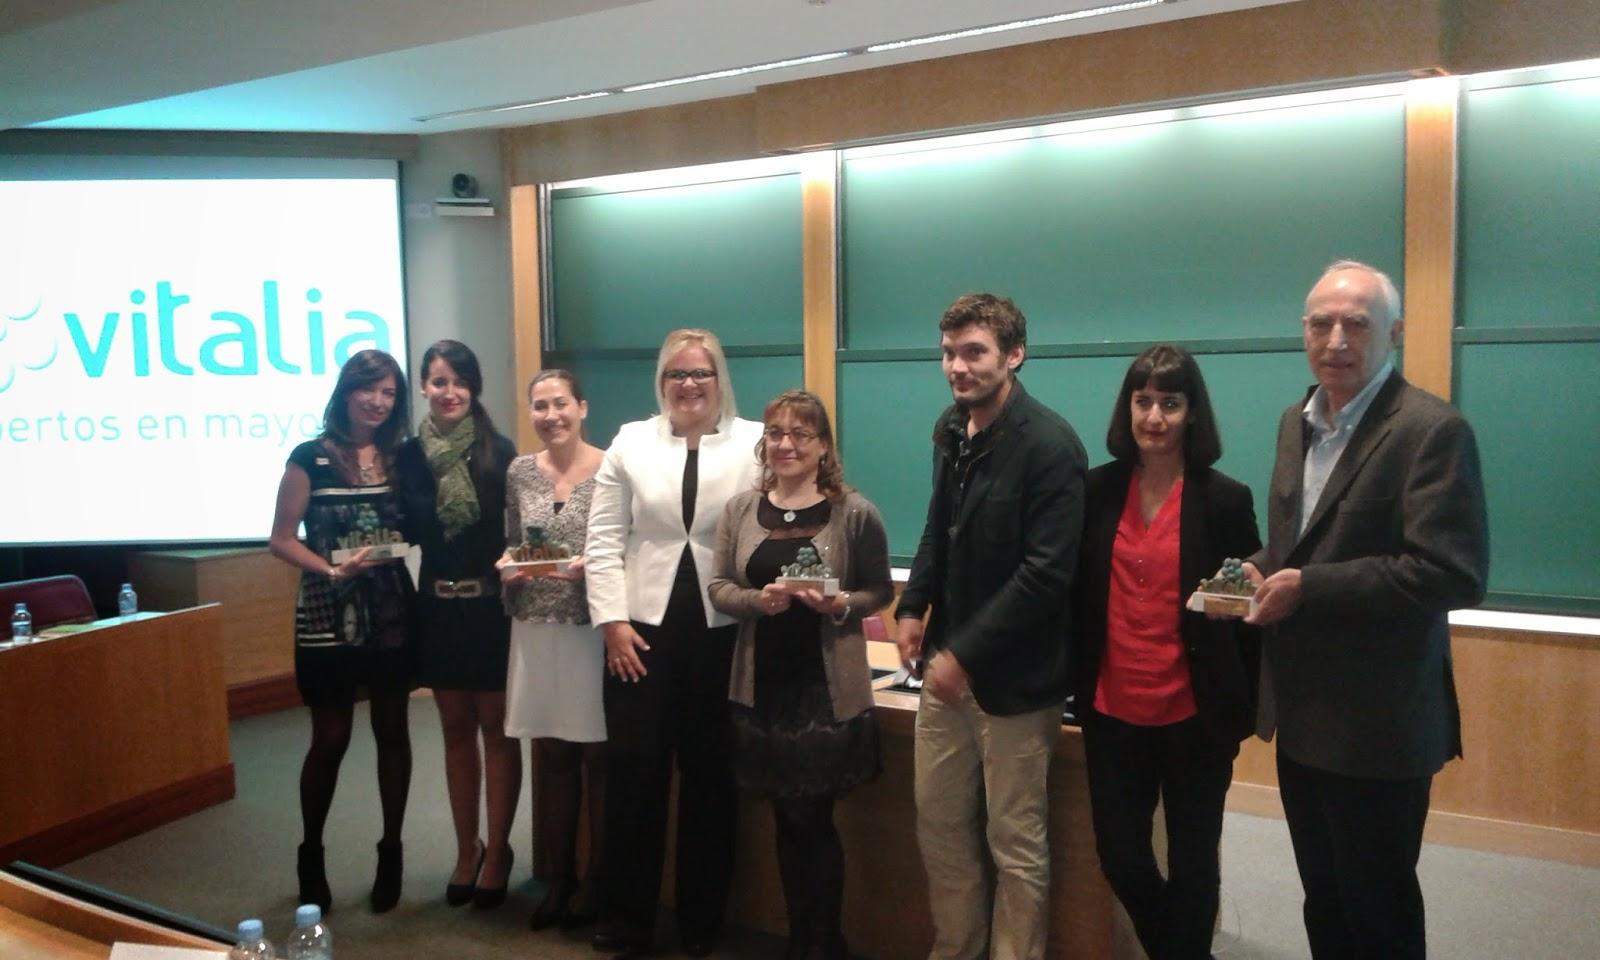 Premios Vitalia, Vitalia Alcalá de Henares, Premio a la Excelencia